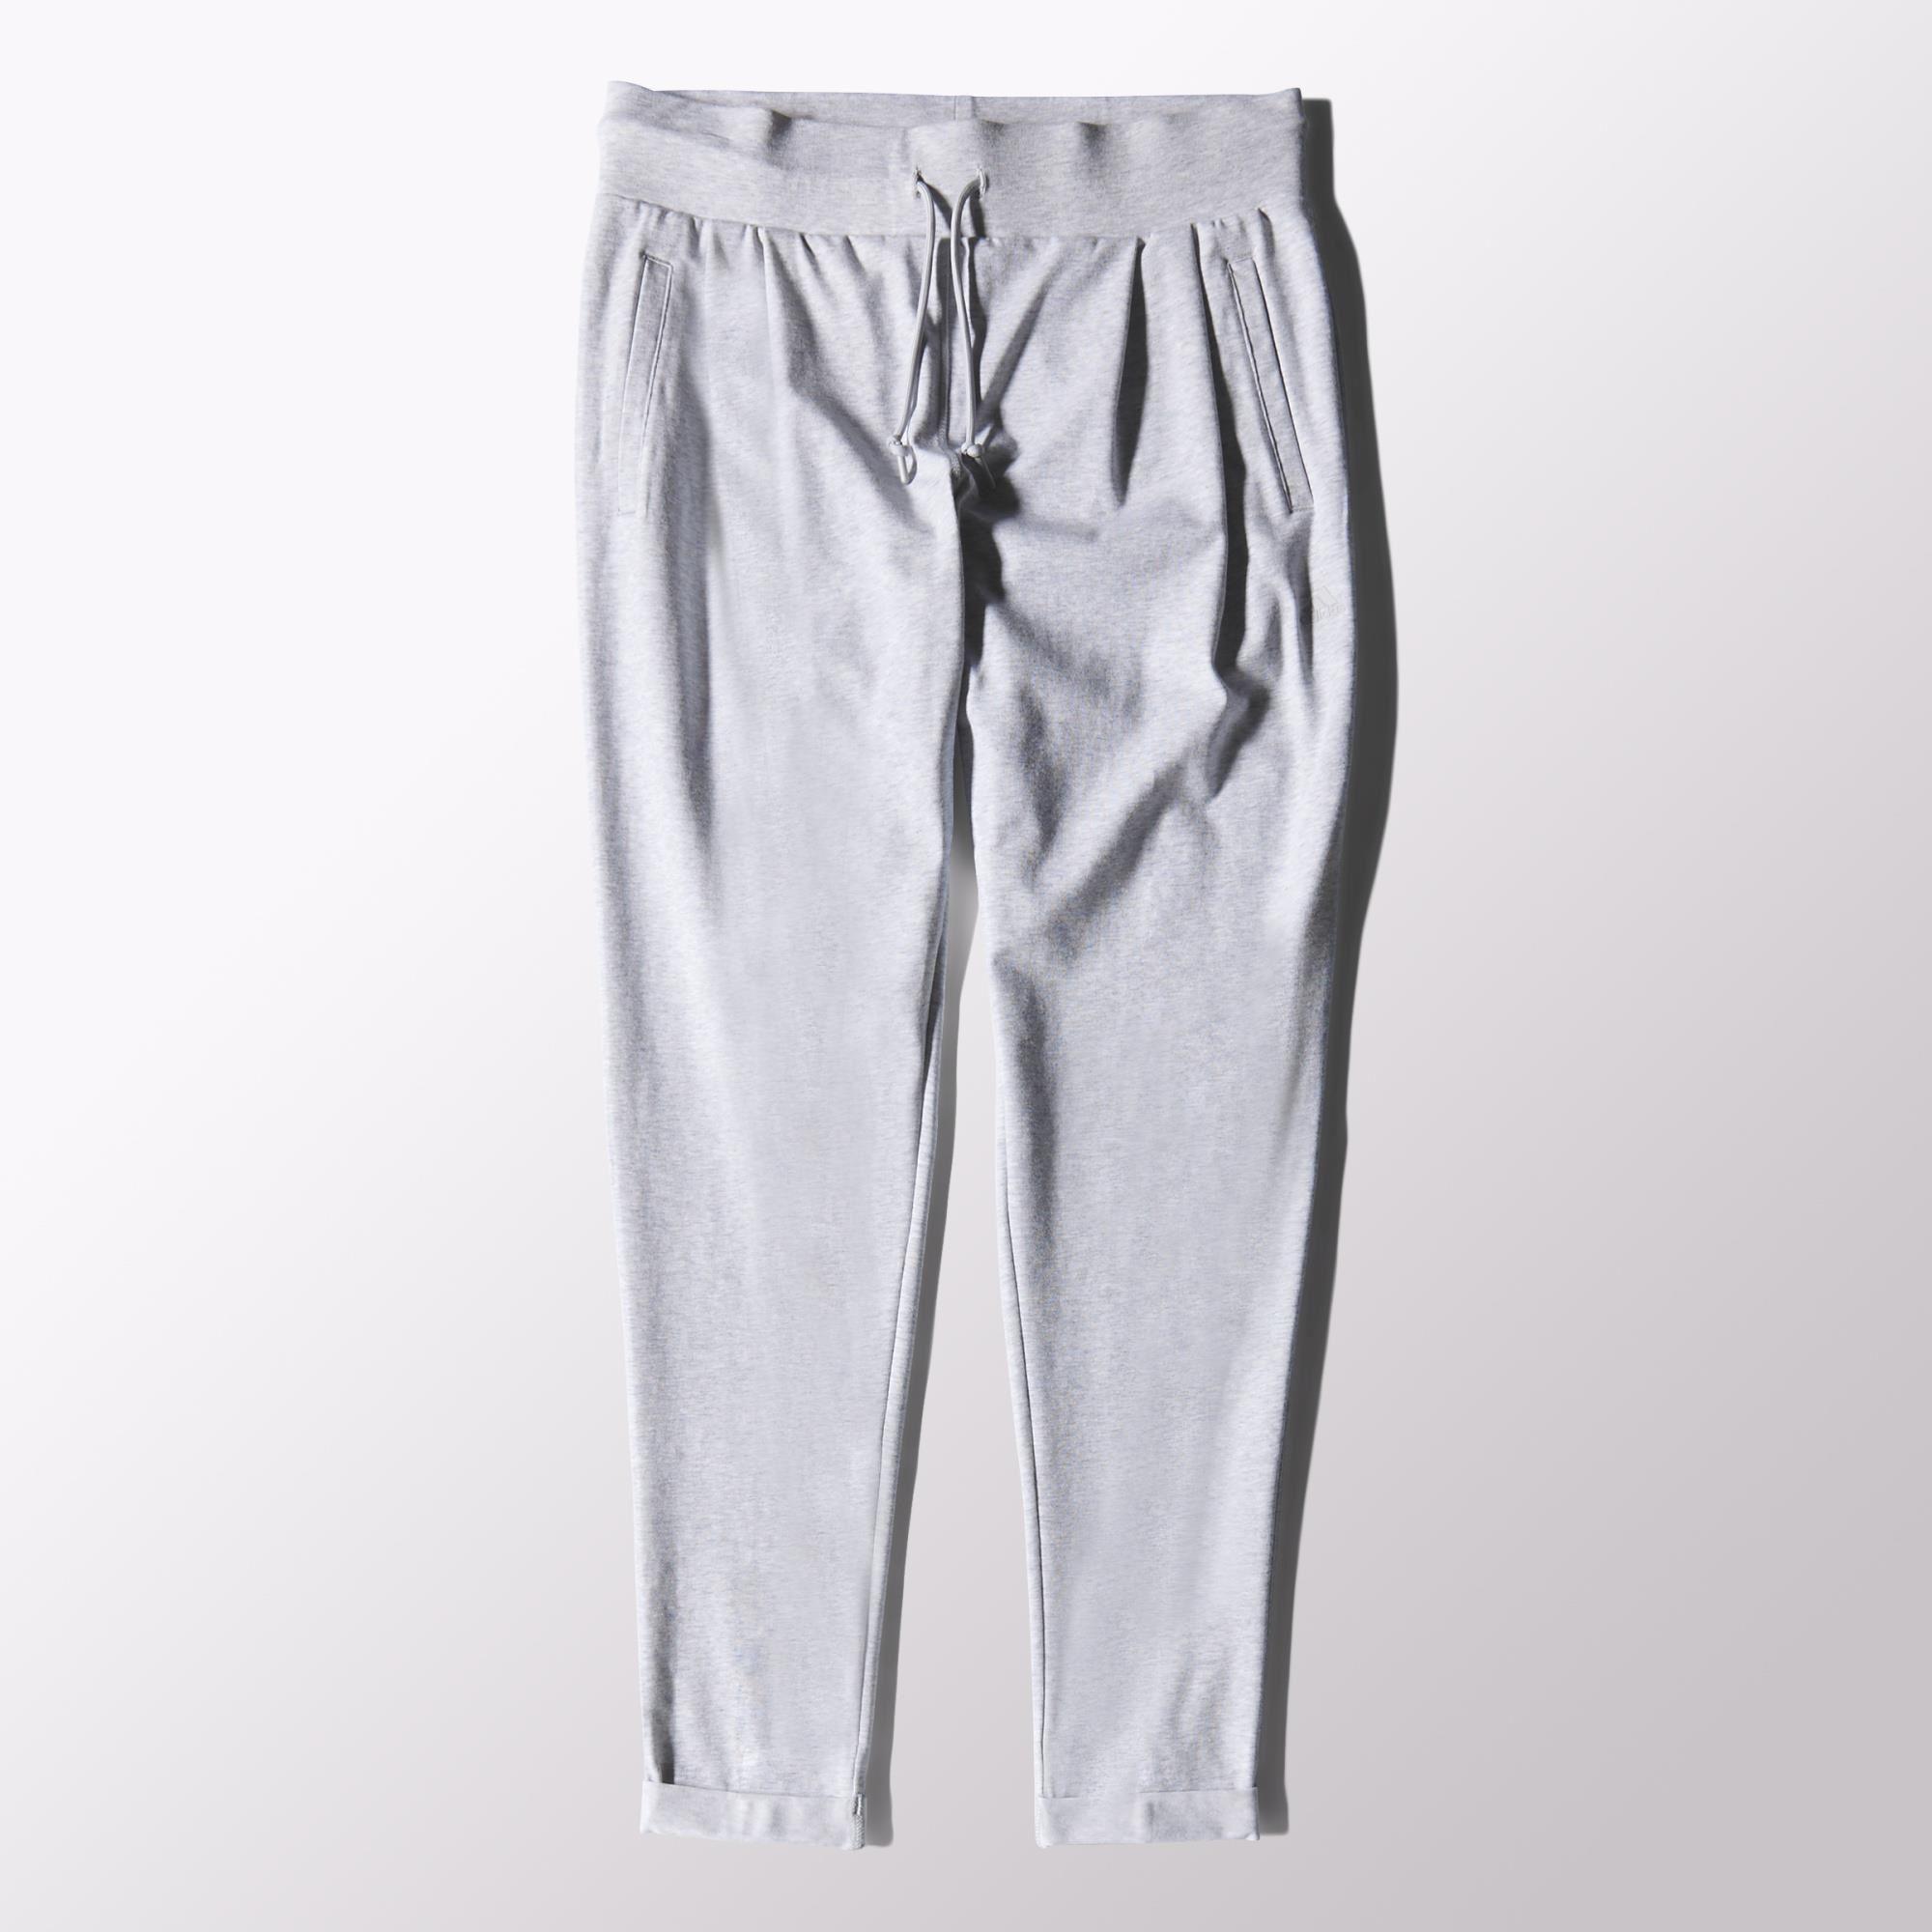 tienda descuento ahorros fantásticos Adidas Pantalón Mujer Sport Essentials Jersey (gris)